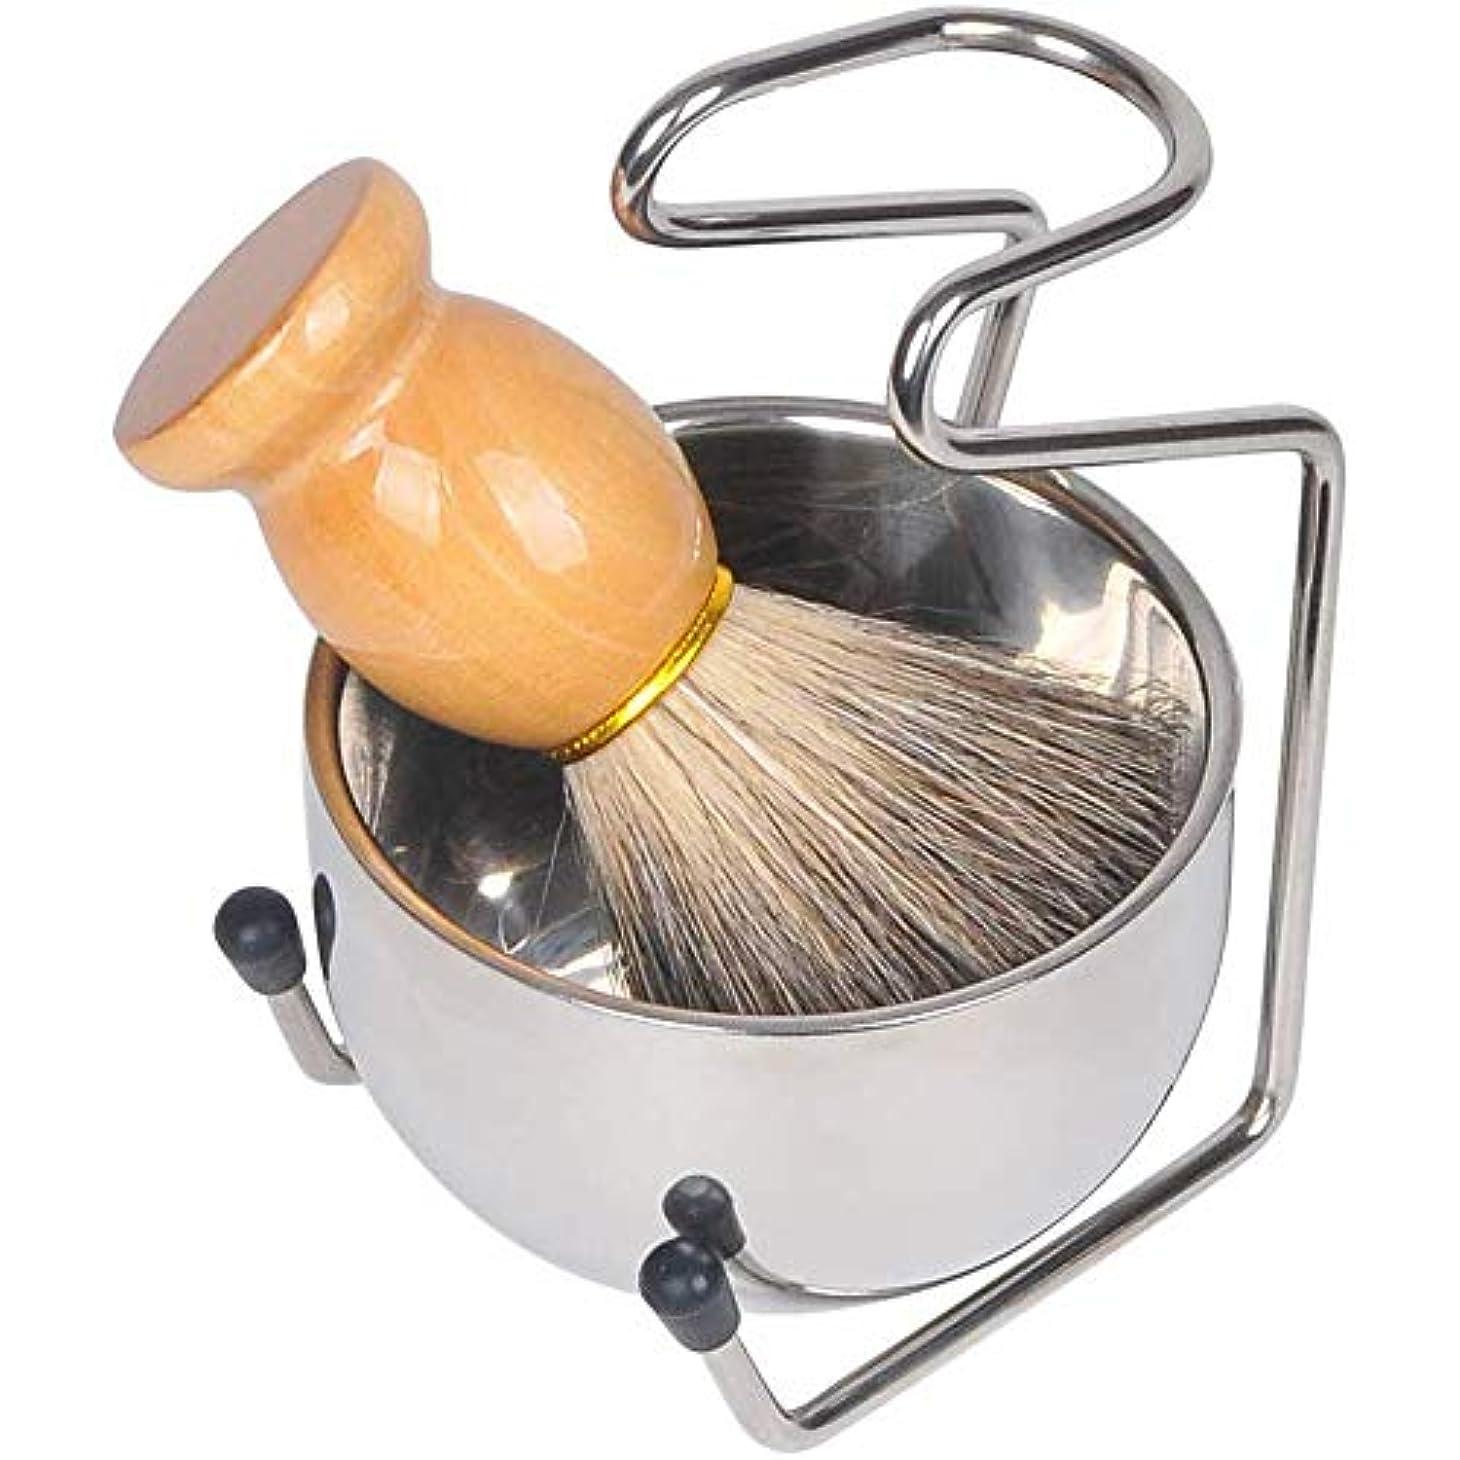 注釈バイパスブラウズ3点セット ひげブラシ シェービング石鹸ボウルシェービングブラシセット洗顔ブラシ メンズ 理容 髭剃り 泡立ち毛